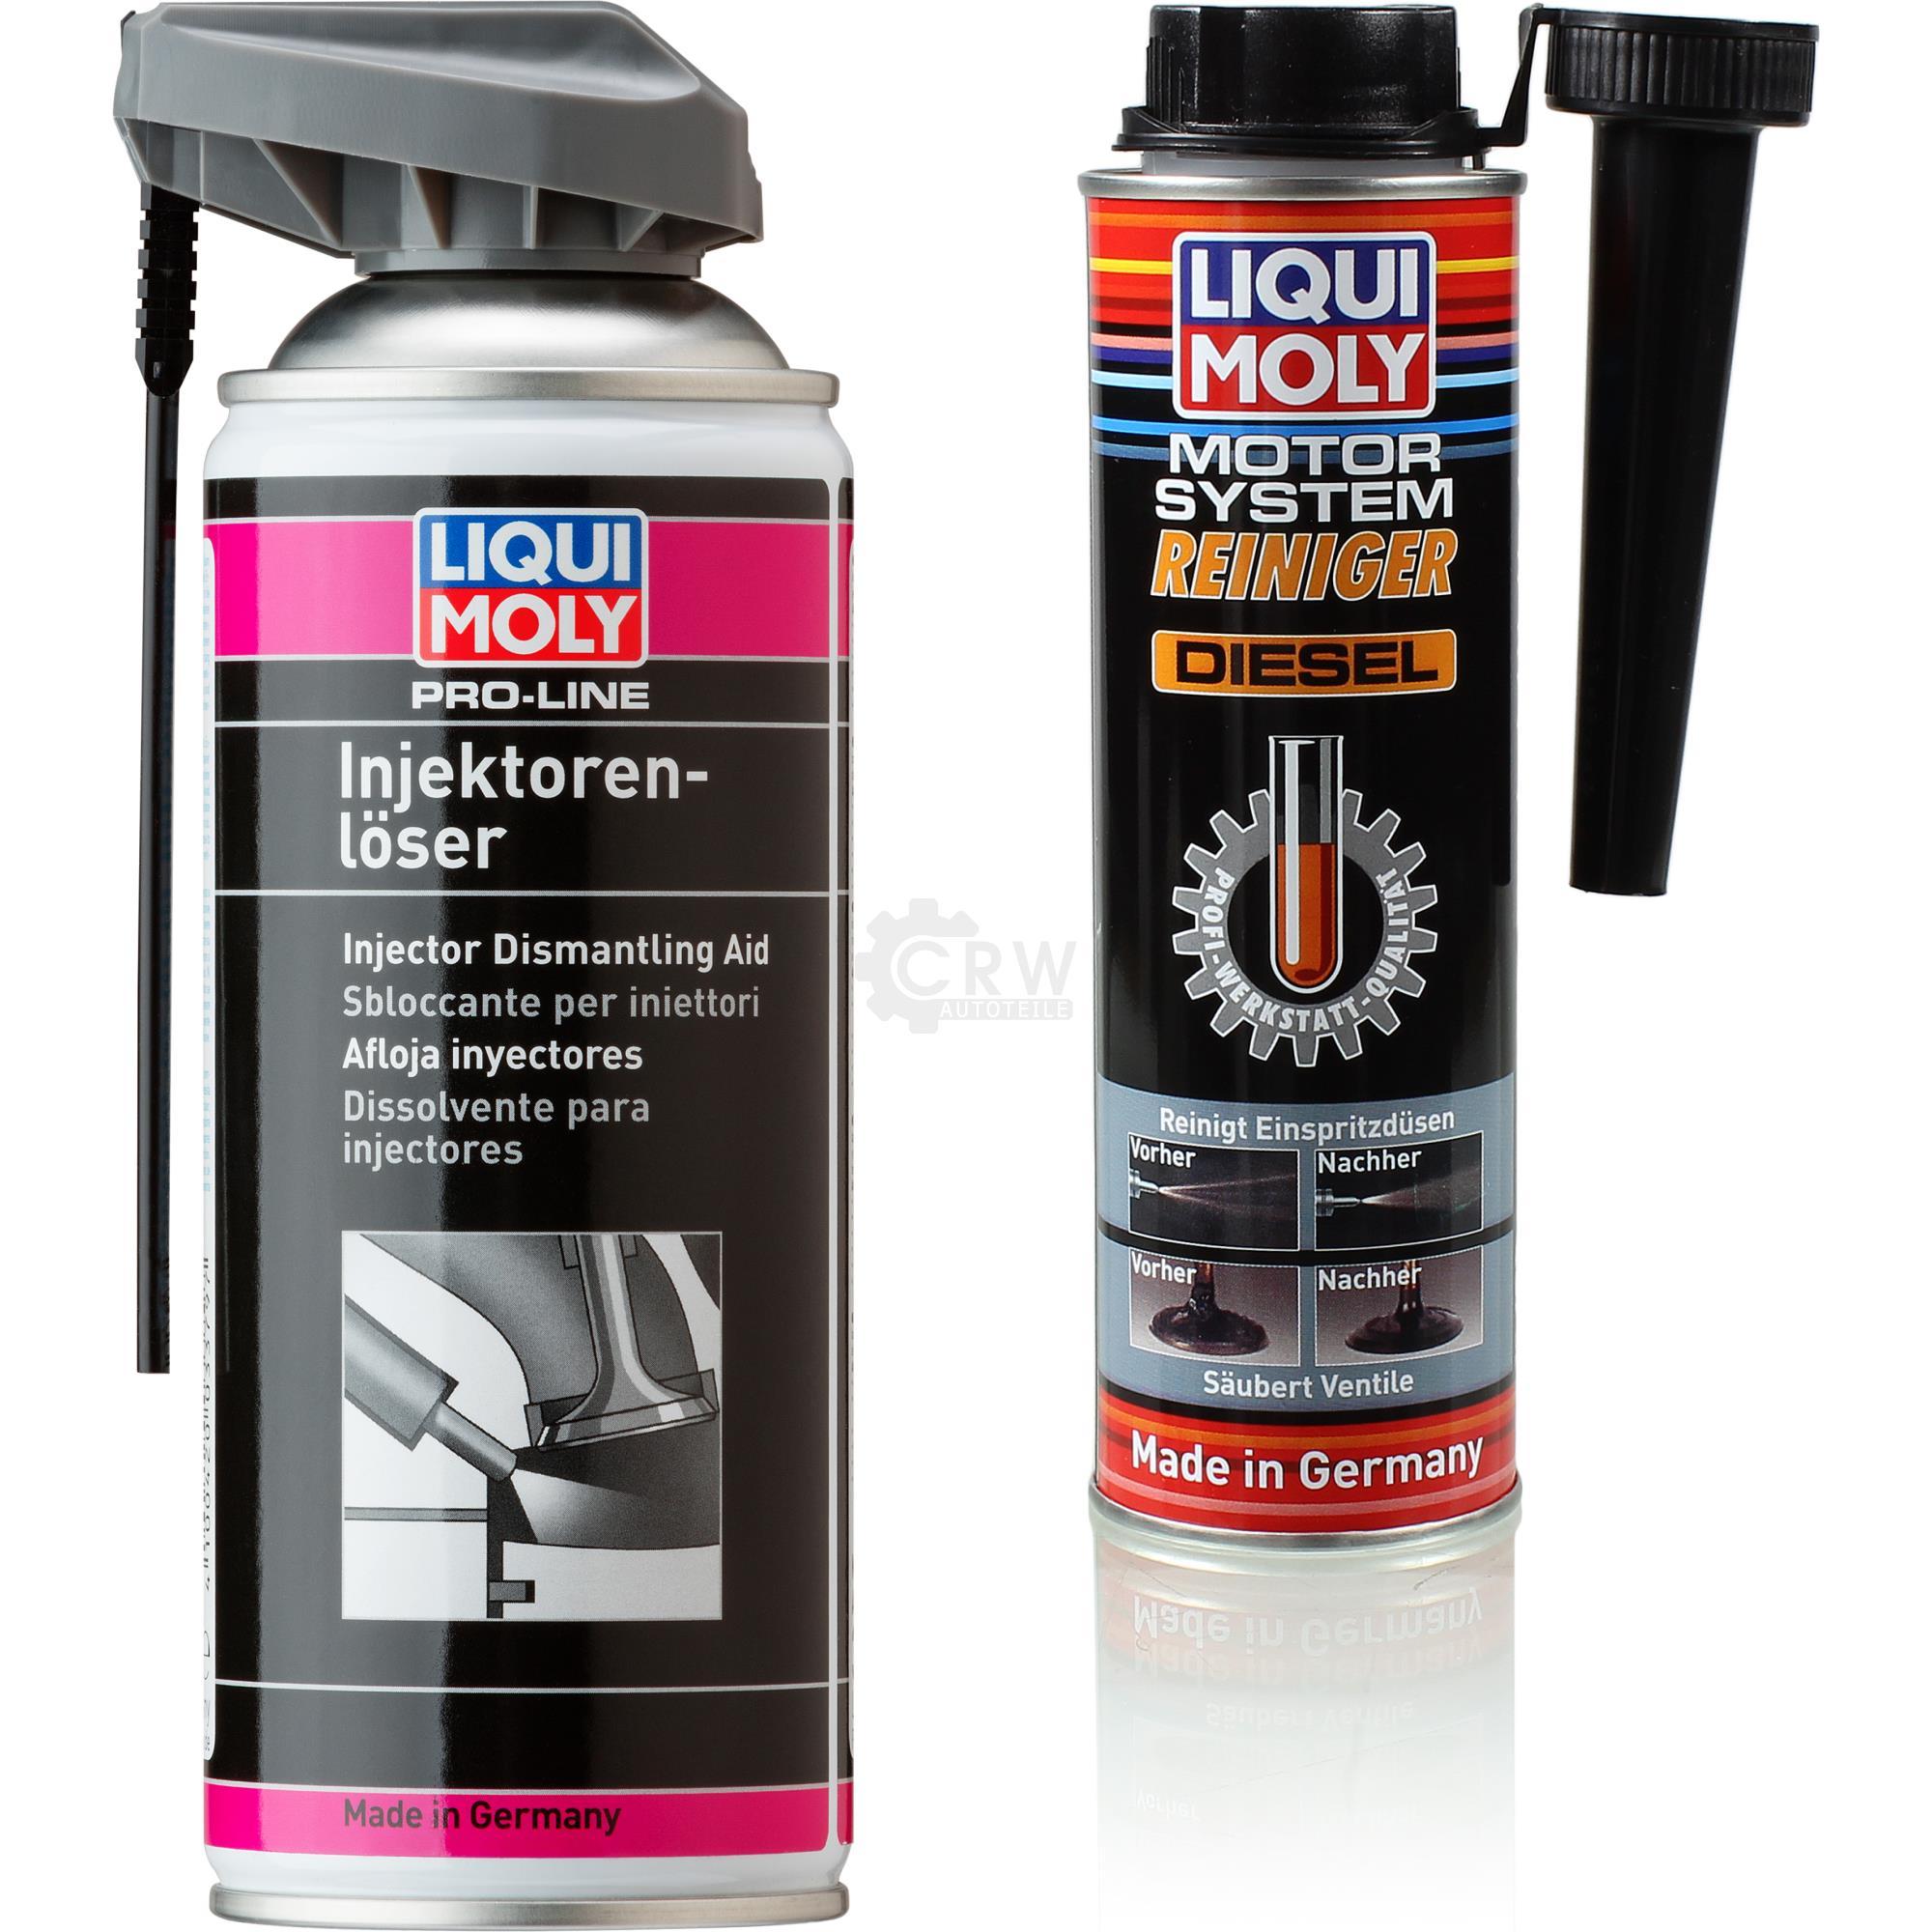 liqui moly set pro line injektorenl ser und motor system. Black Bedroom Furniture Sets. Home Design Ideas